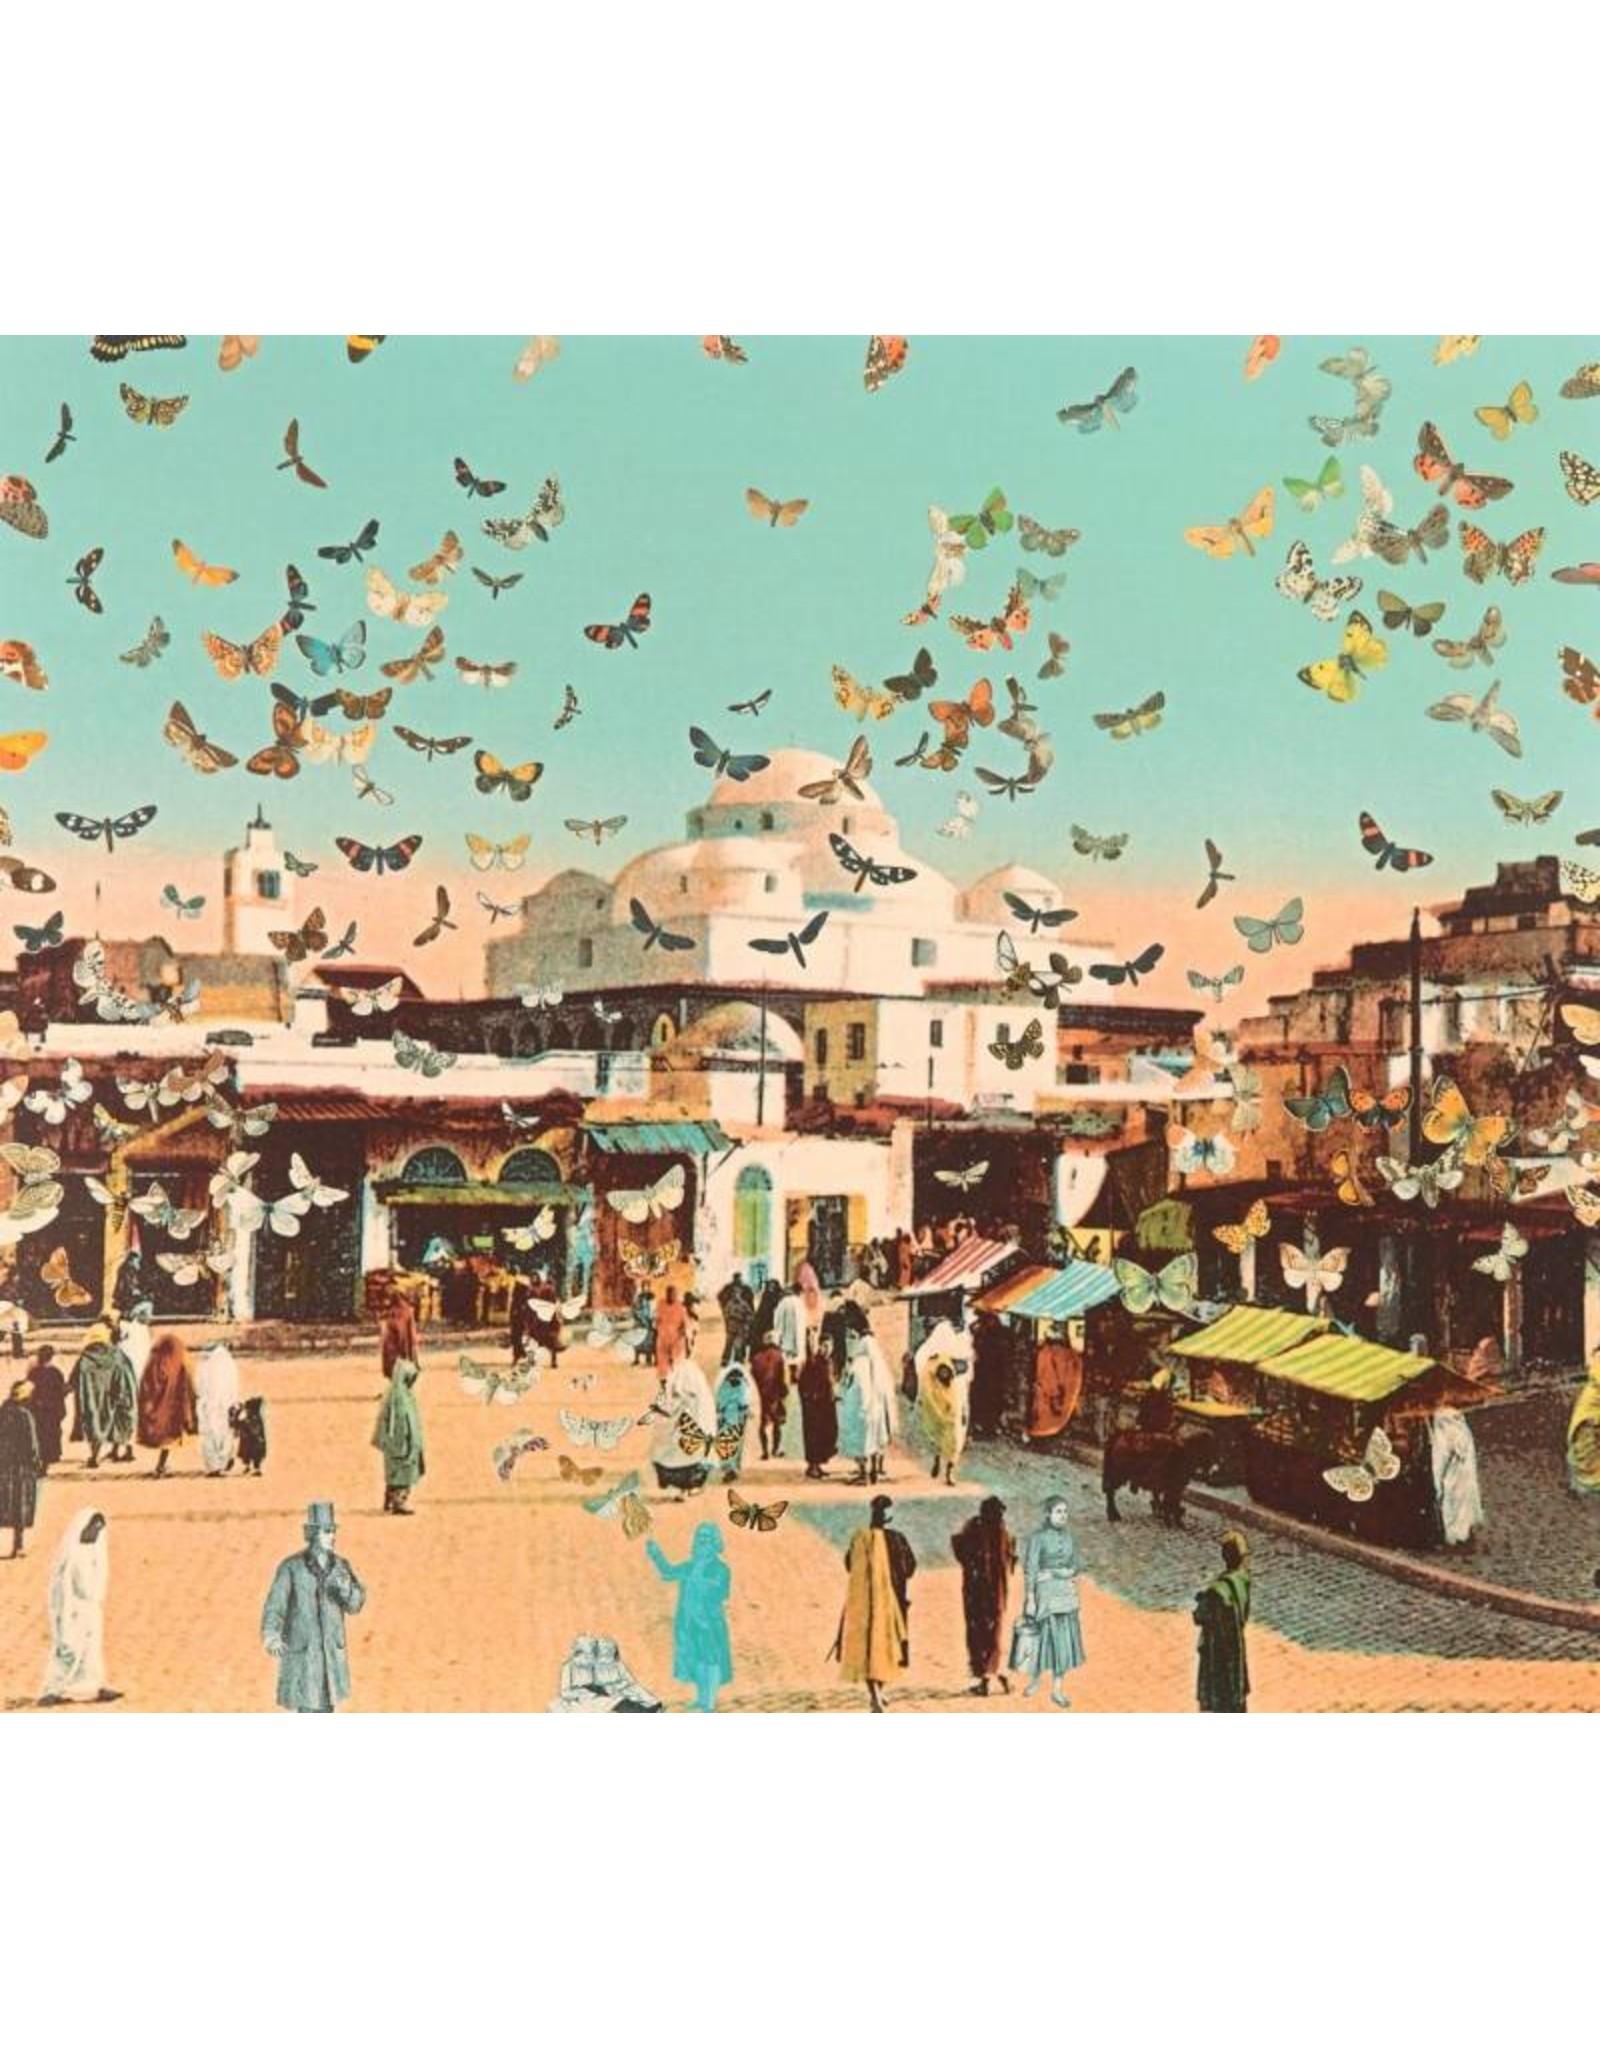 Butterfly Man in Tunis